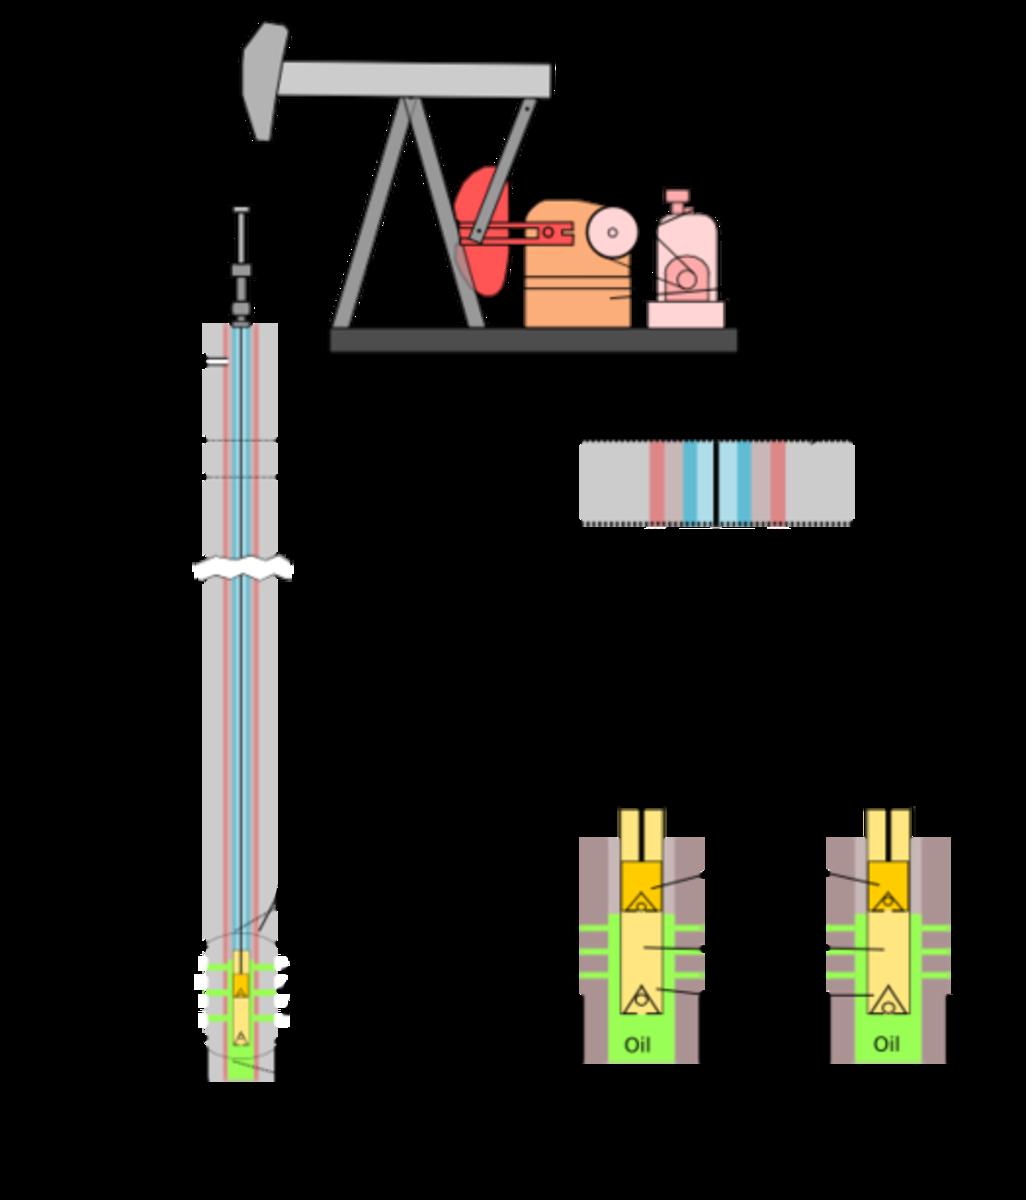 A diagram of a pumpjack